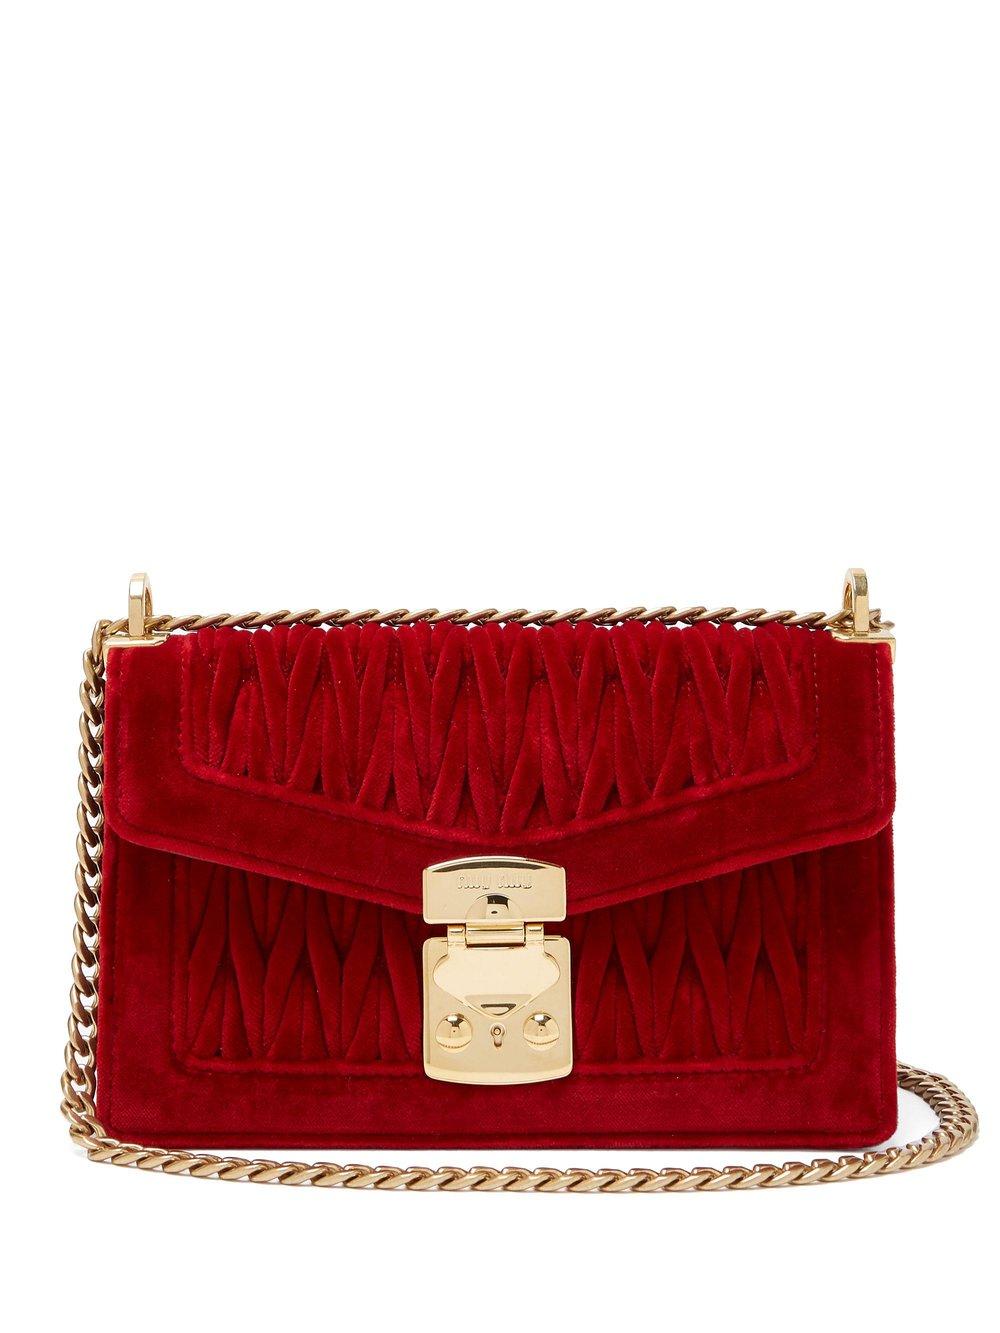 4. Miu Miu Confidential Matelassé-Velvet Shoulder Bag $1,700 from www.matchesfashion.com